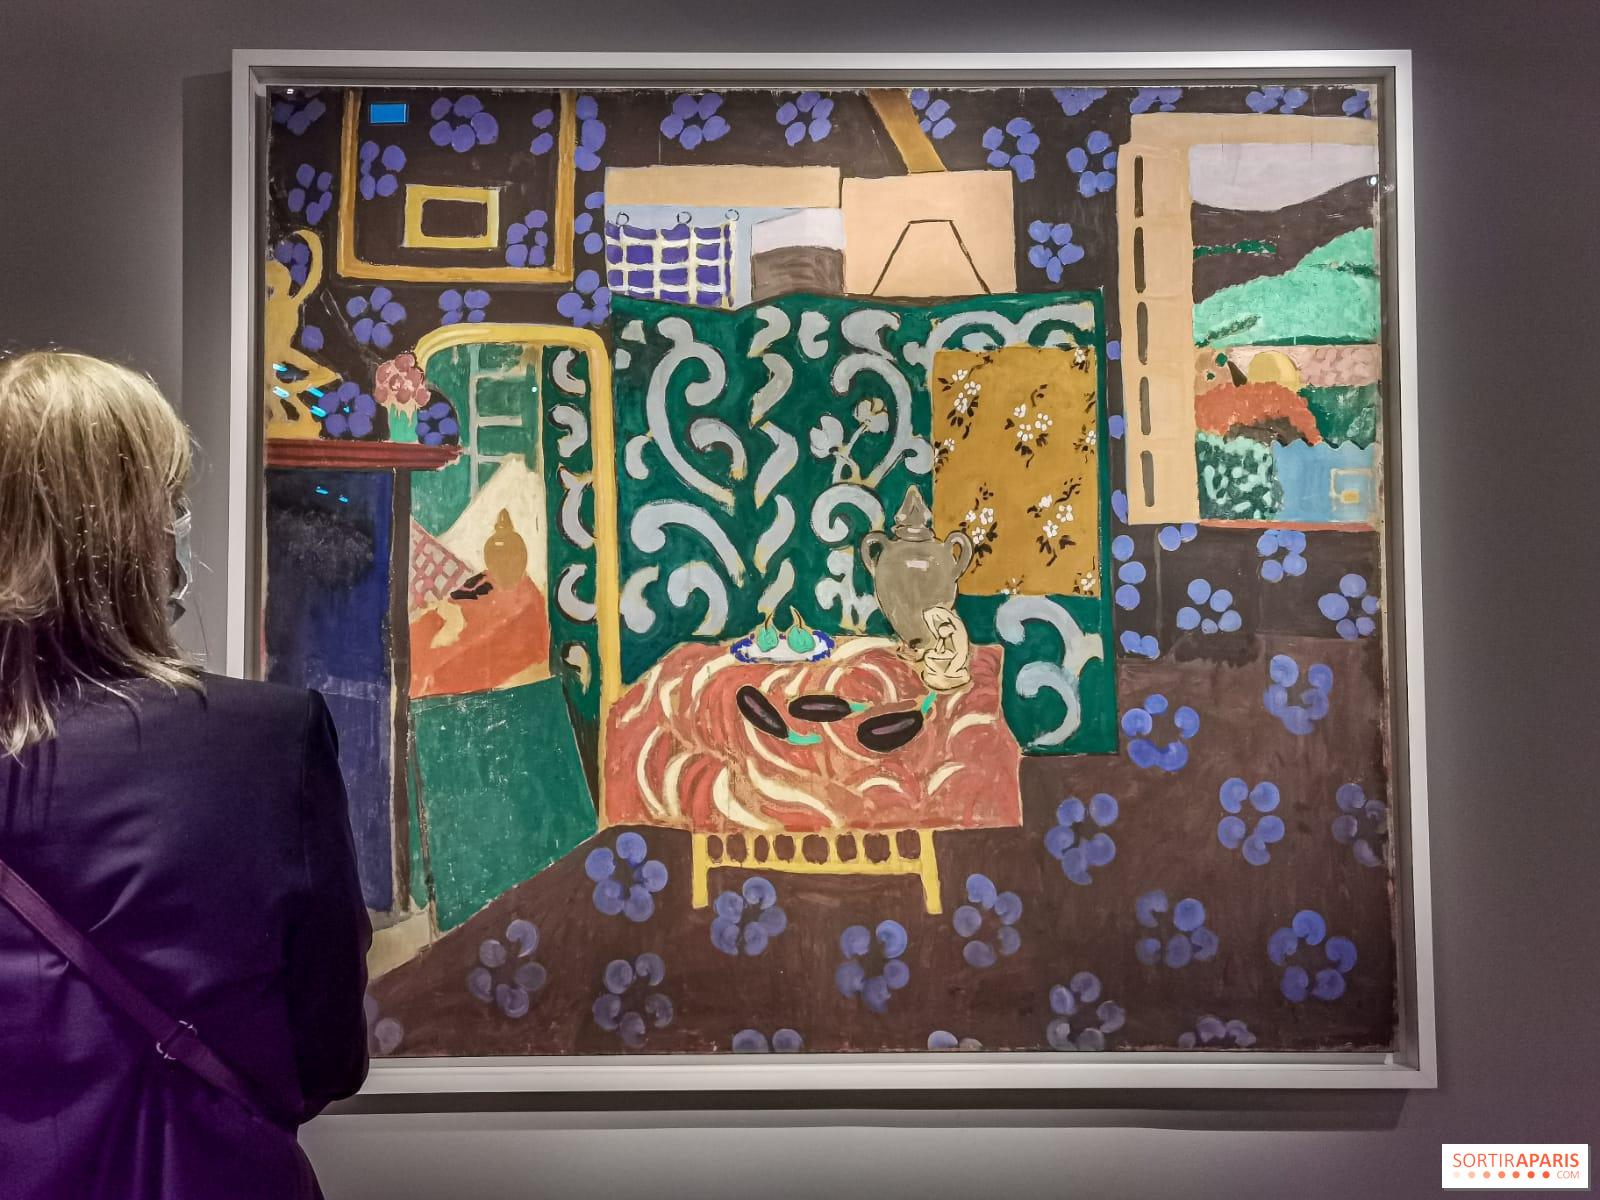 Matisse Comme Un Roman Nos Photos De L Exposition Du Centre Pompidou Sortiraparis Com